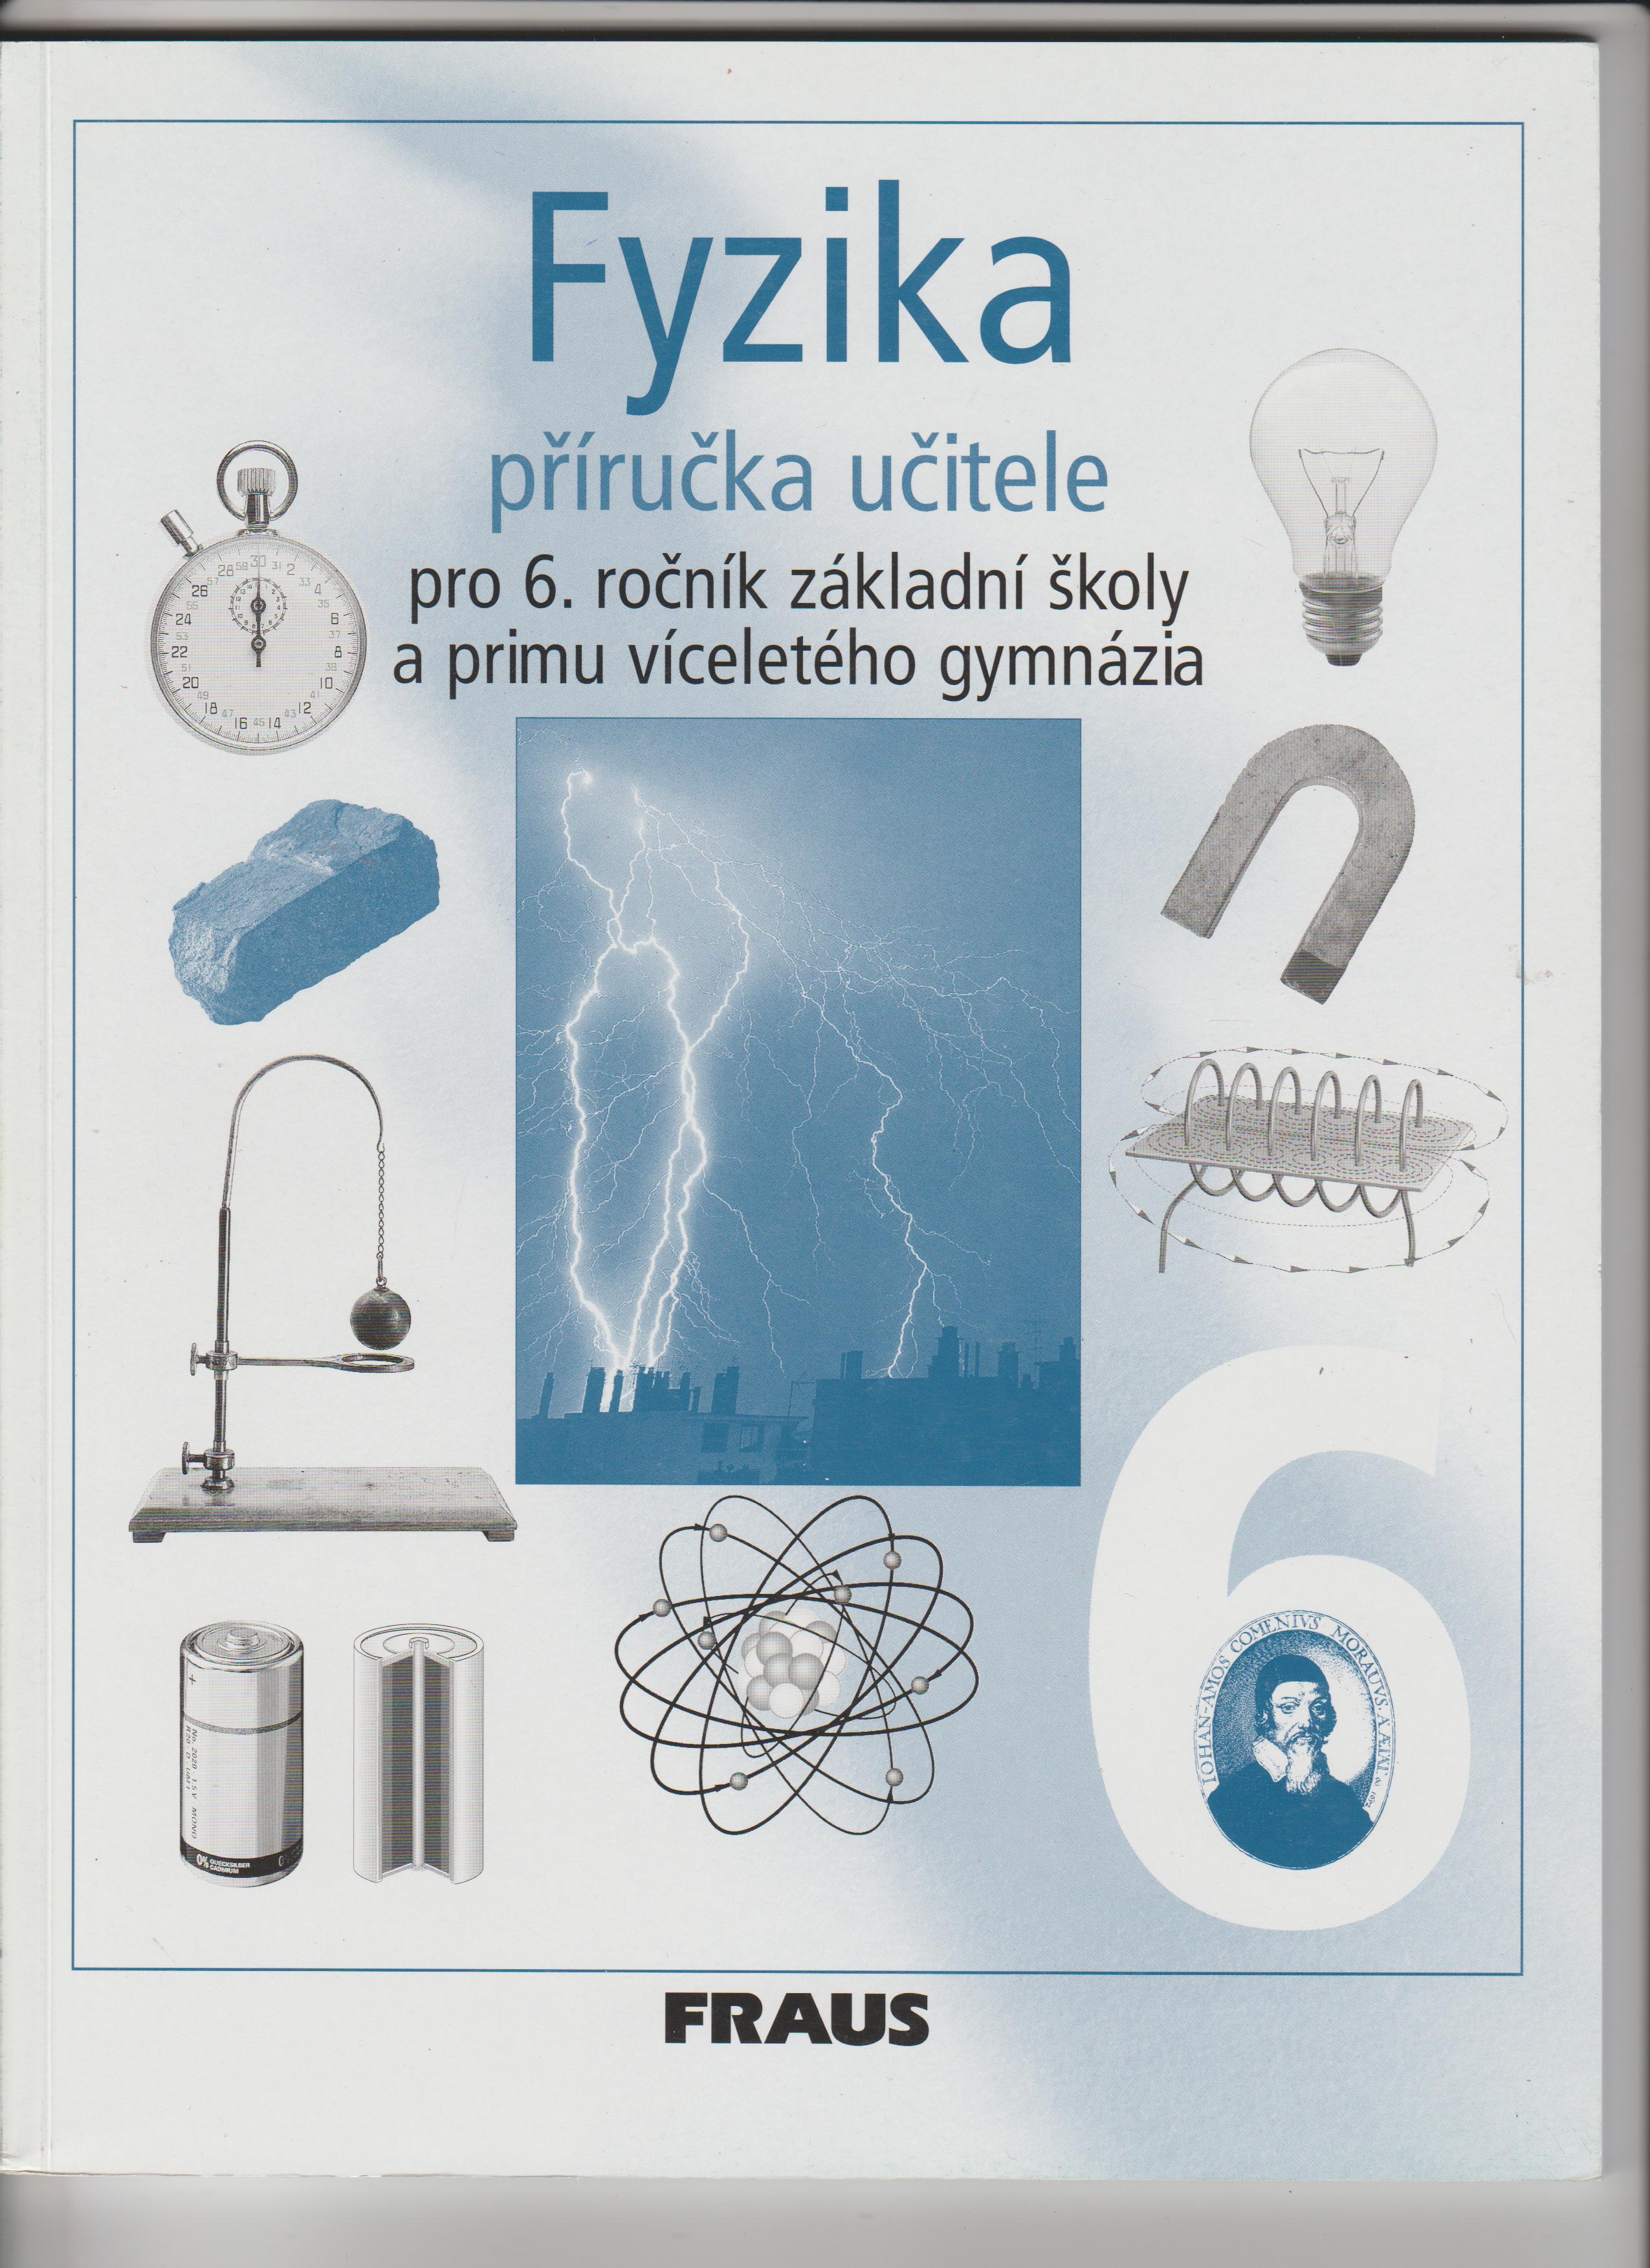 Fyzika příručka učitele - Karel Rauner